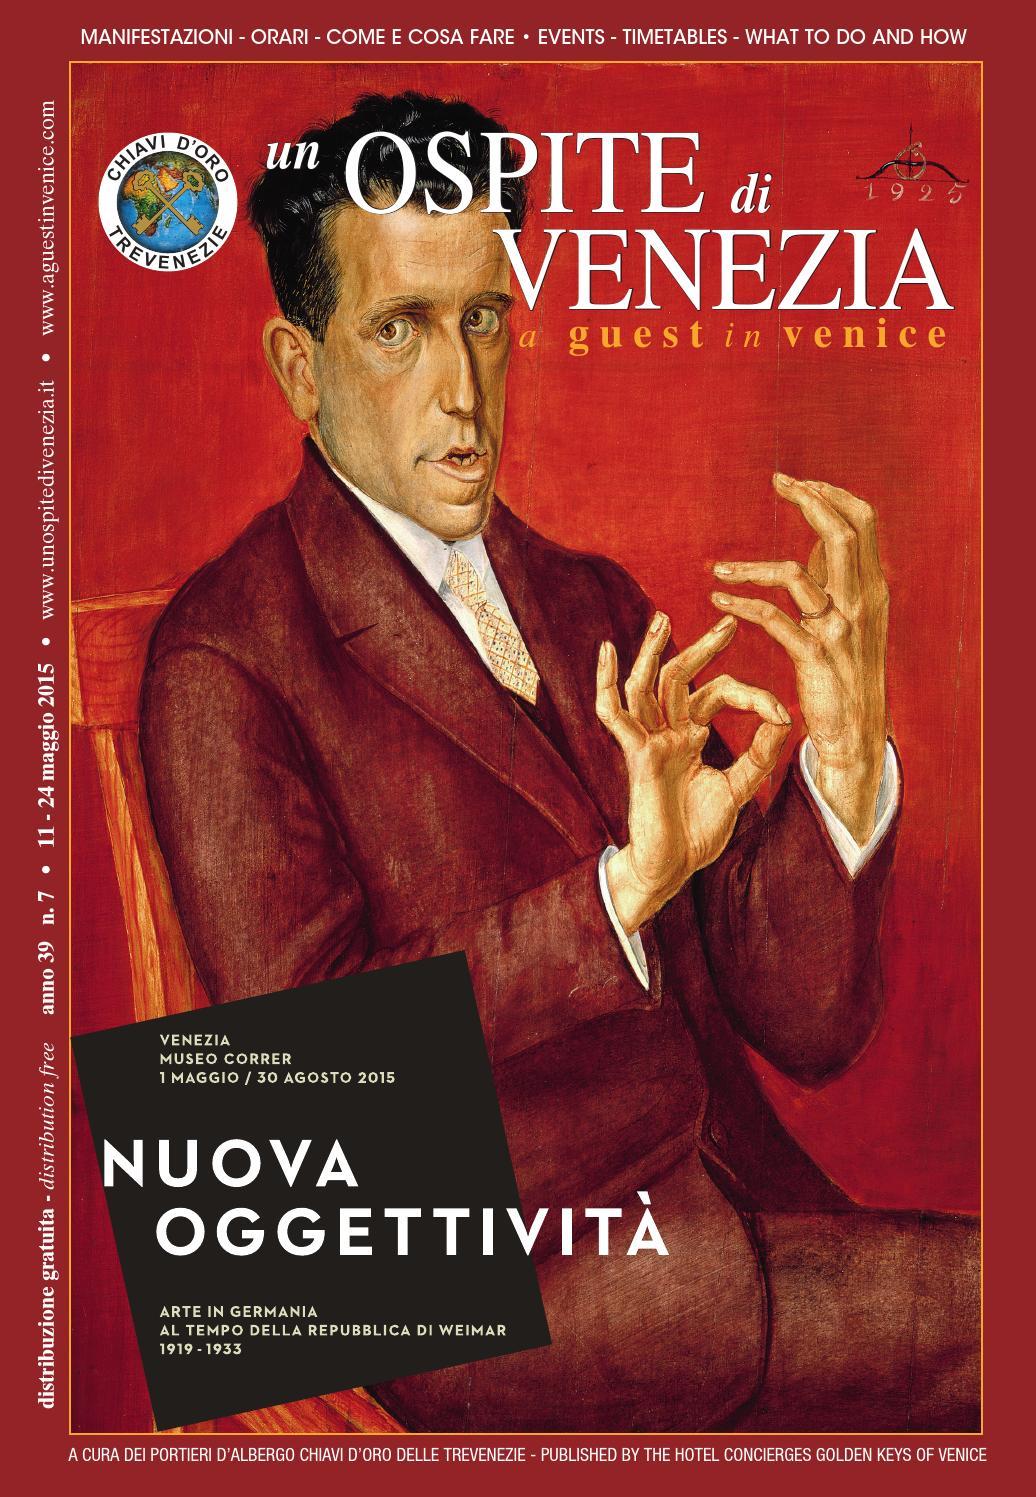 Ospite 7 2015 - nuova oggettività by Coop. Chiavi d Oro delle Trevenezie -  un Ospite di Venezia - issuu 878b37128efc